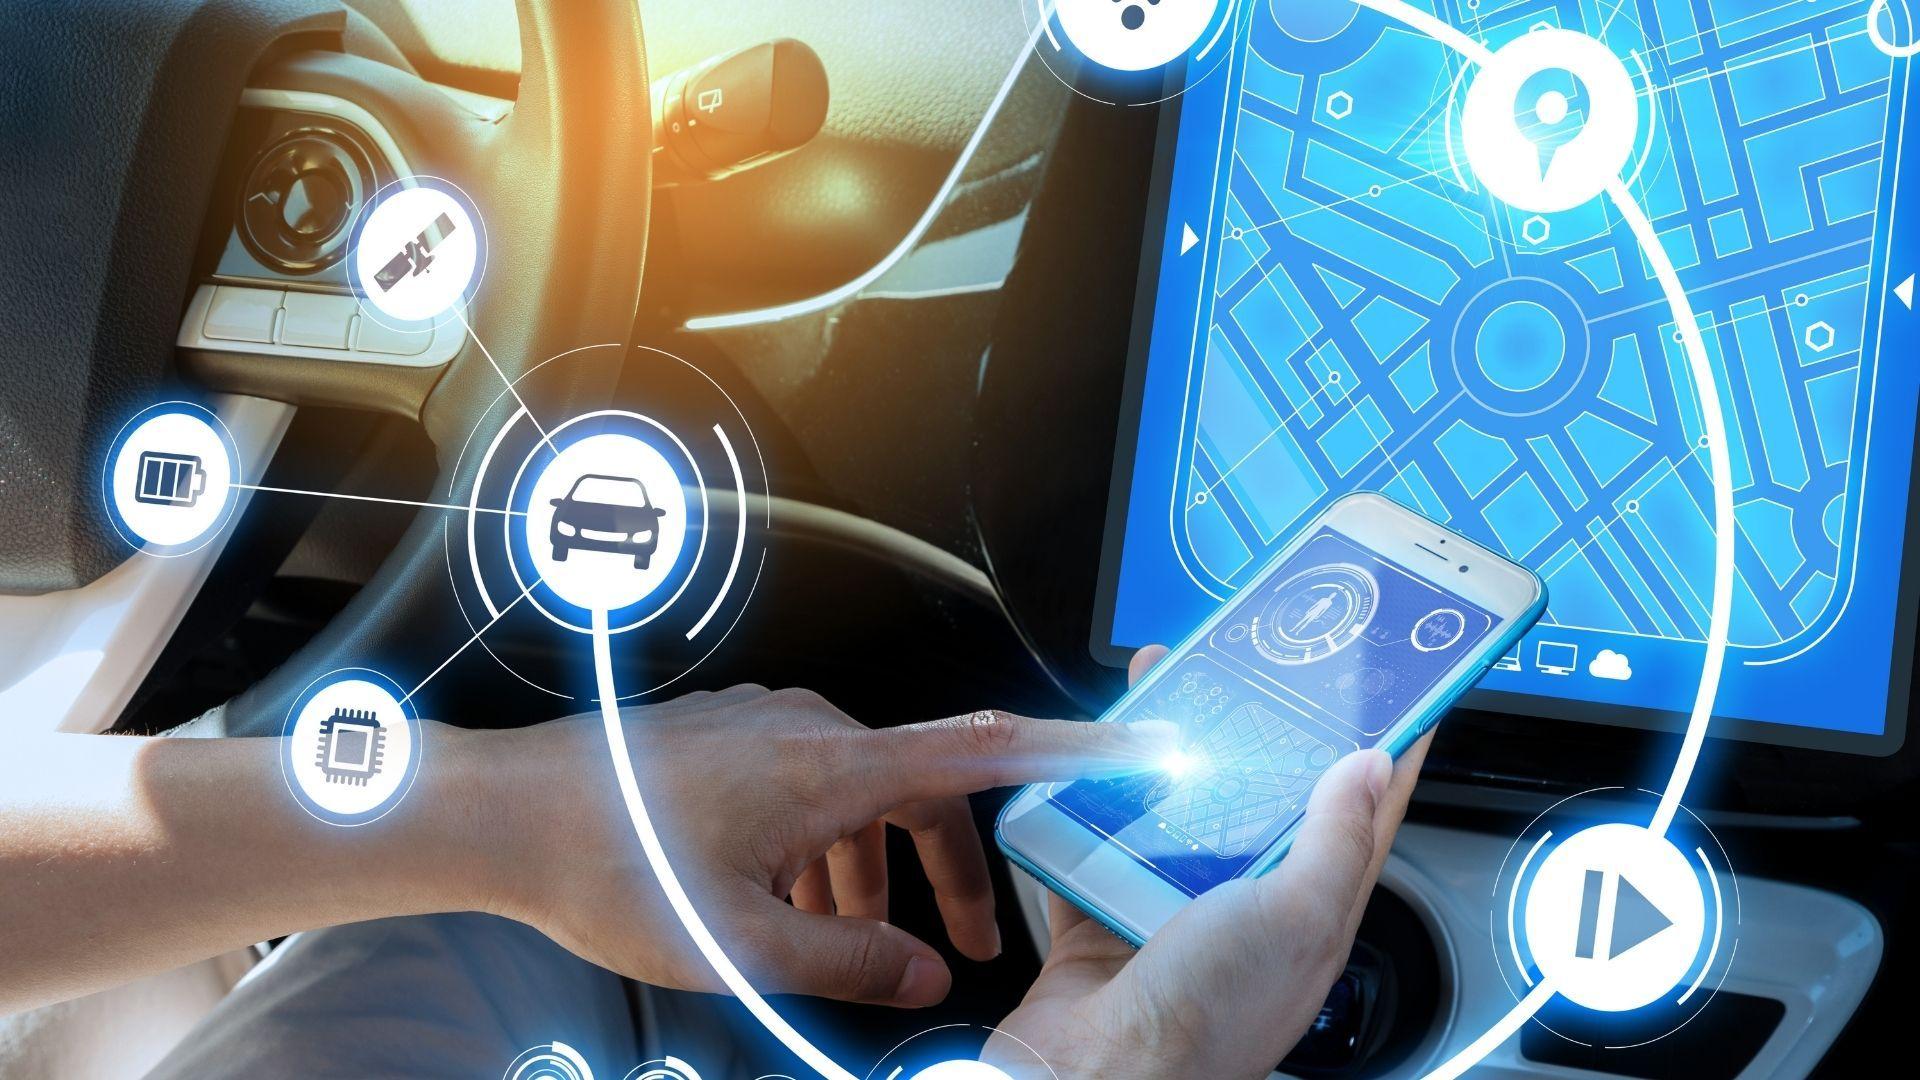 Qualquer aparelho que conte com a tecnologia Bluetooth pode ser pareado de maneira integral (Foto: Shutterstock)